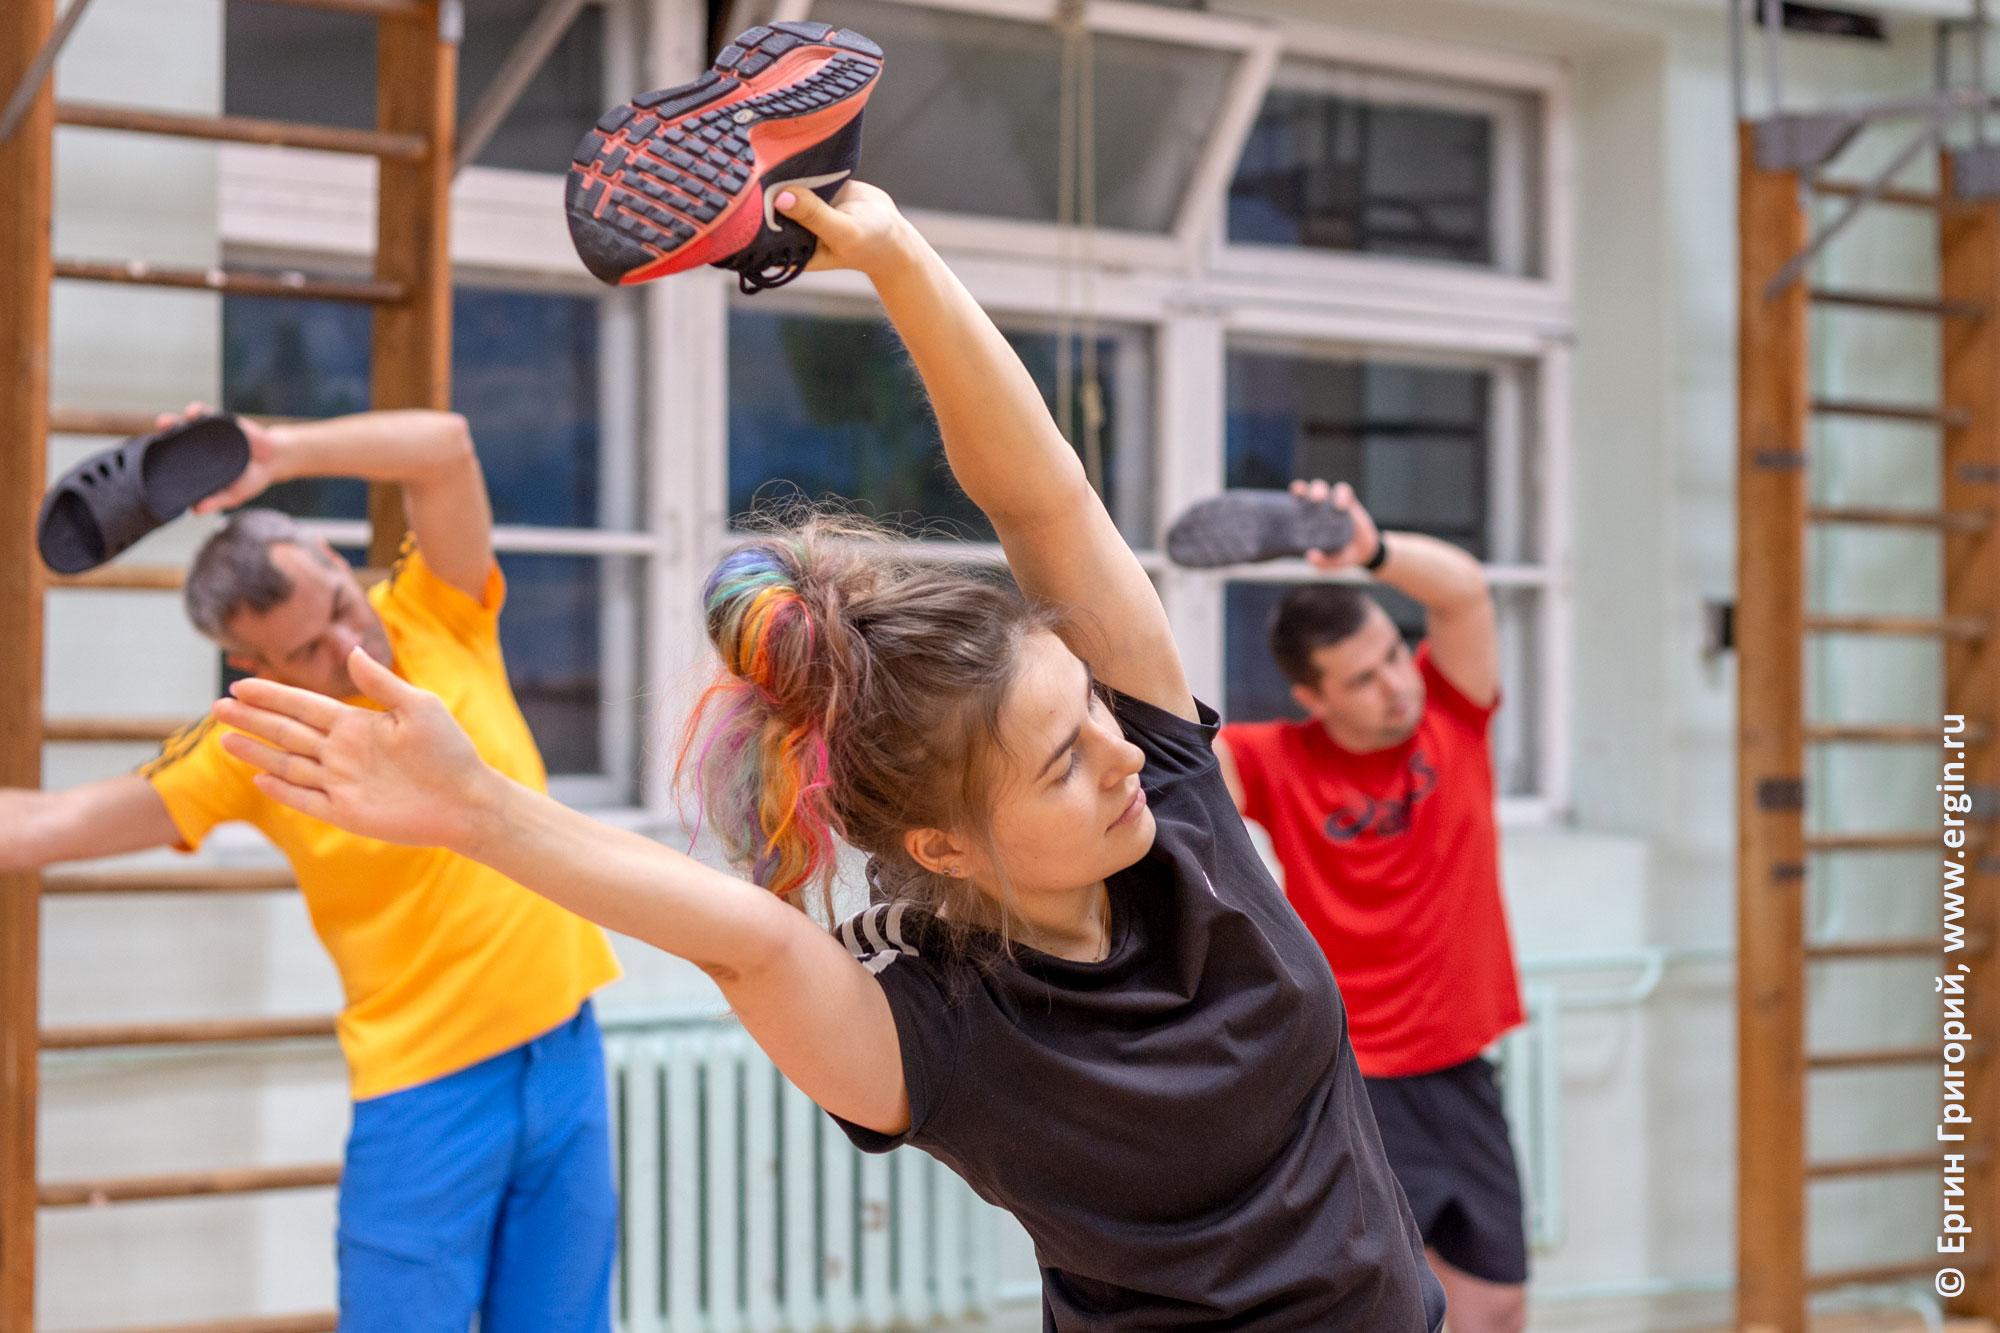 Упражнения для вставания на каяке от подвижной опоры